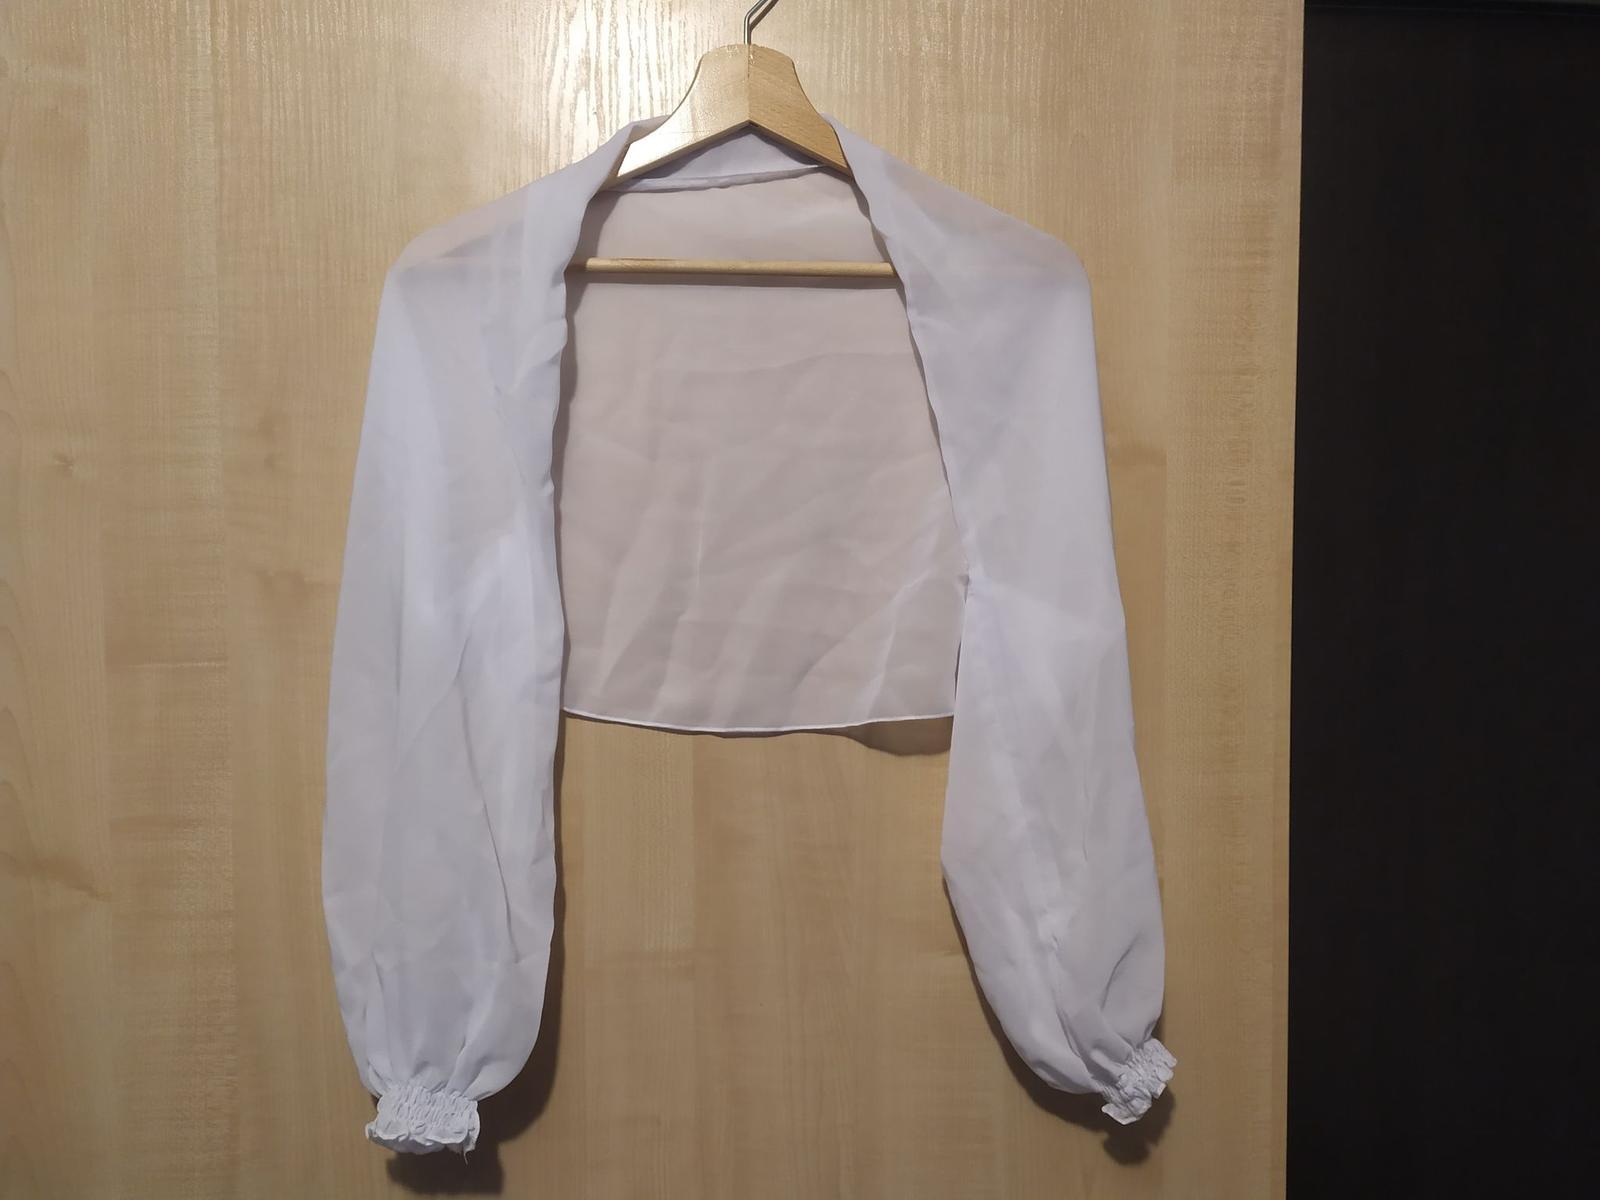 Svadobné šifónové bolerko biele, veľkosť uni - Obrázok č. 1